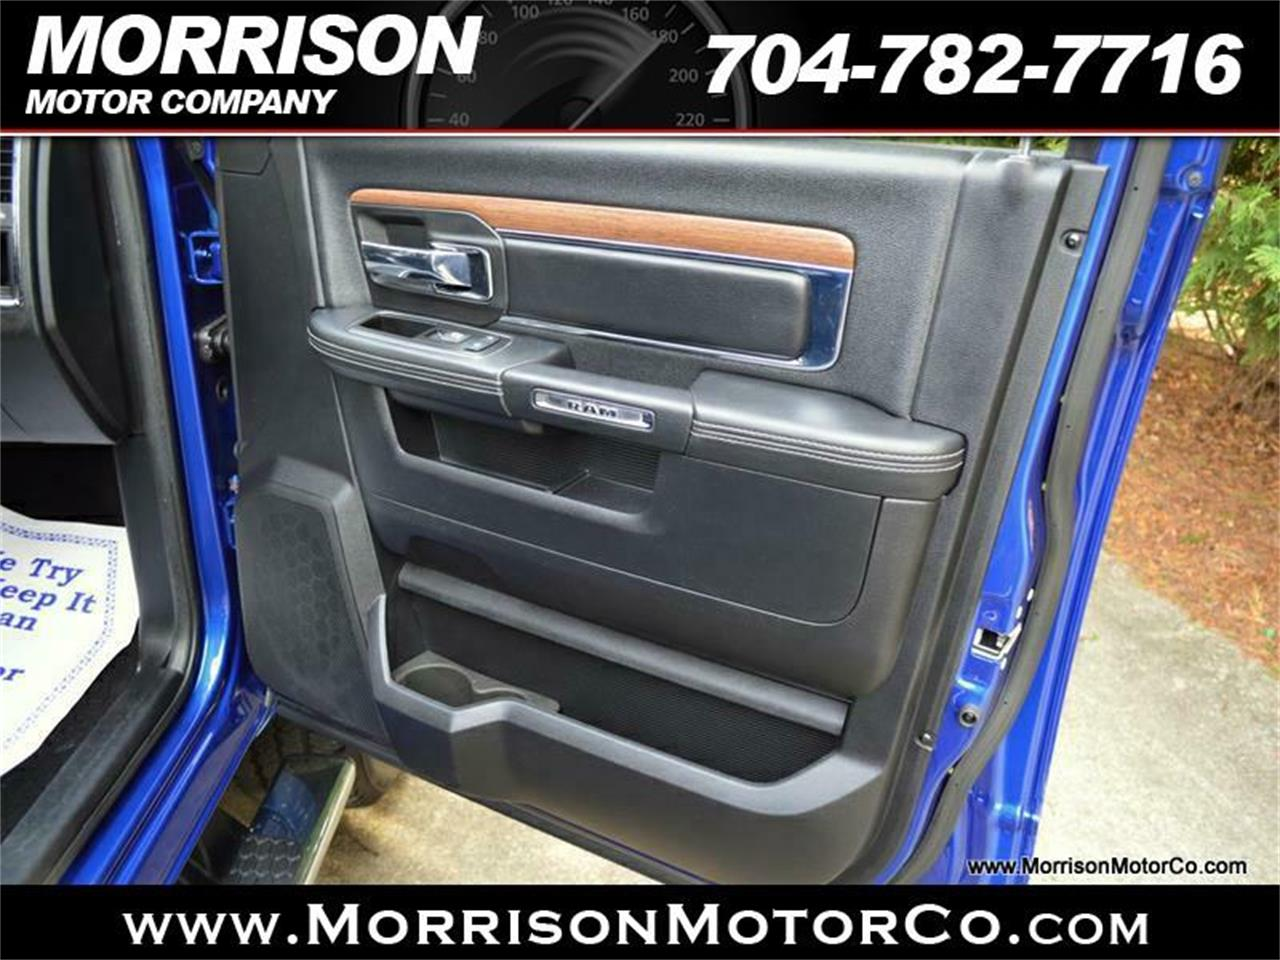 2014 Dodge Ram 2500 (CC-939827) for sale in Concord, North Carolina